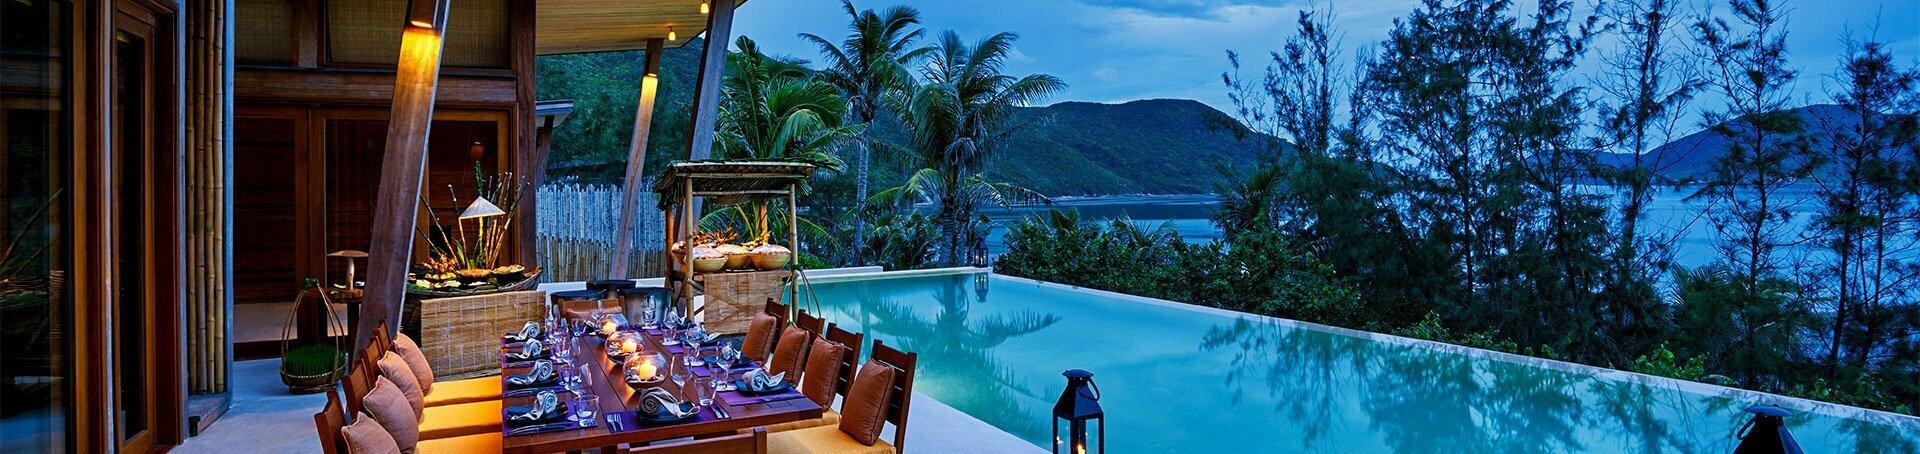 Table luxueuse, piscine et vue sur la mer